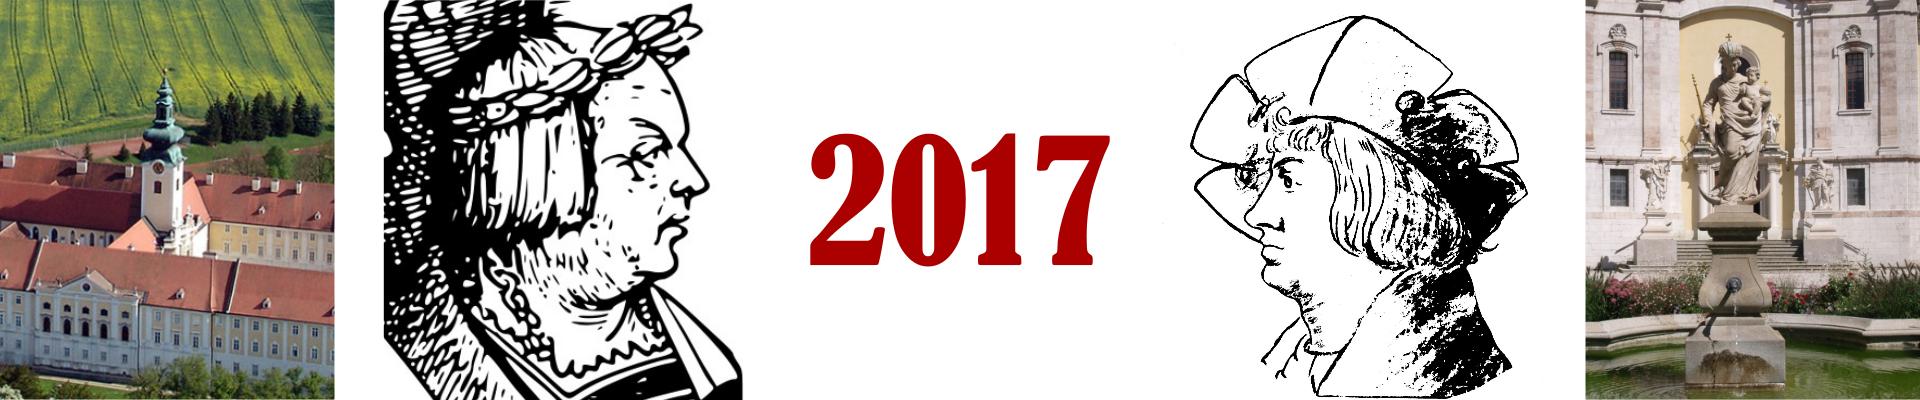 Seitenstetten 2017